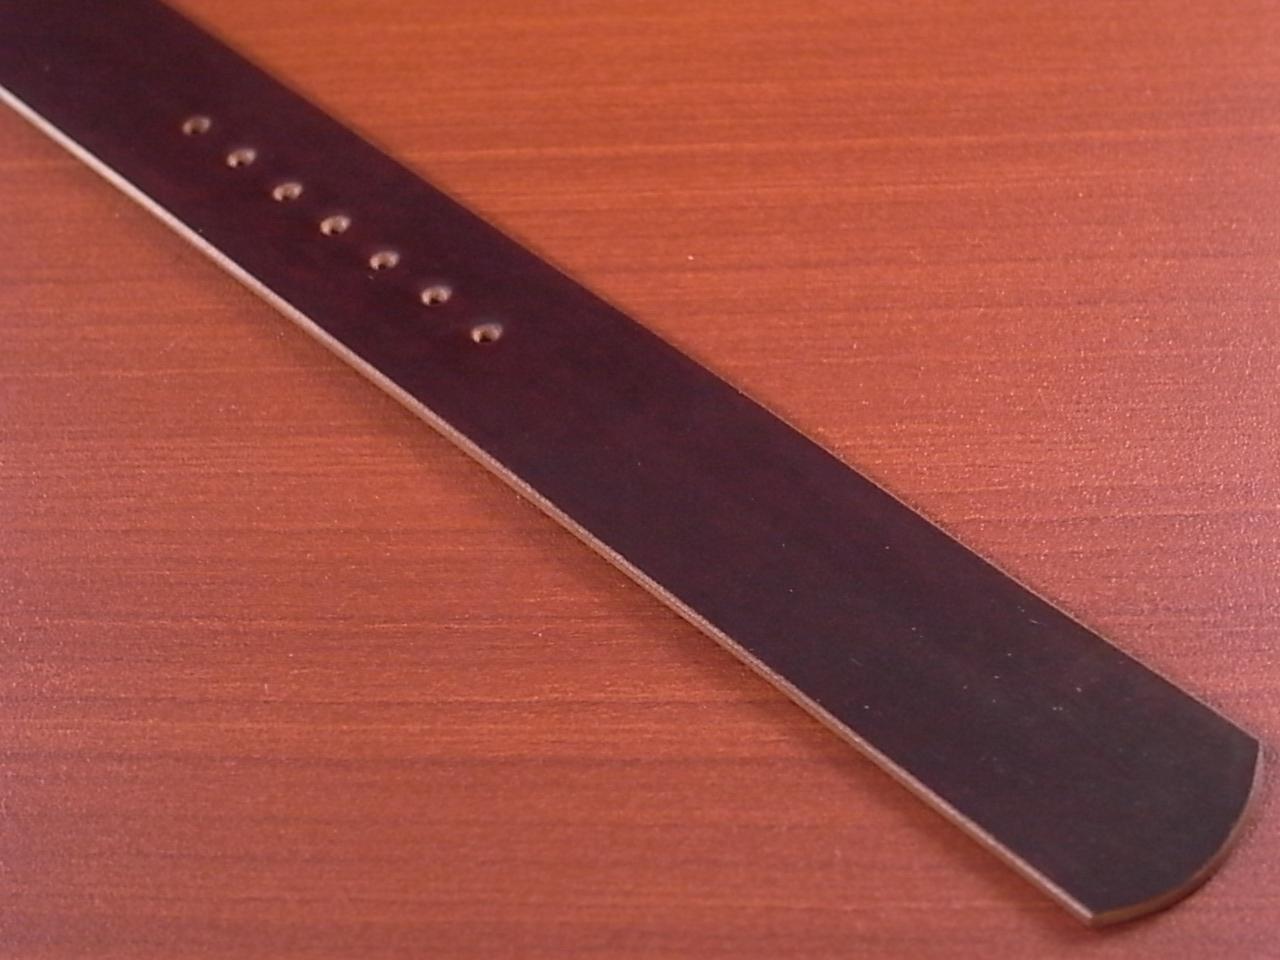 ホーウィン コードバン 引き通し革ベルト バーガンディ 17~24mm 受注生産の写真5枚目